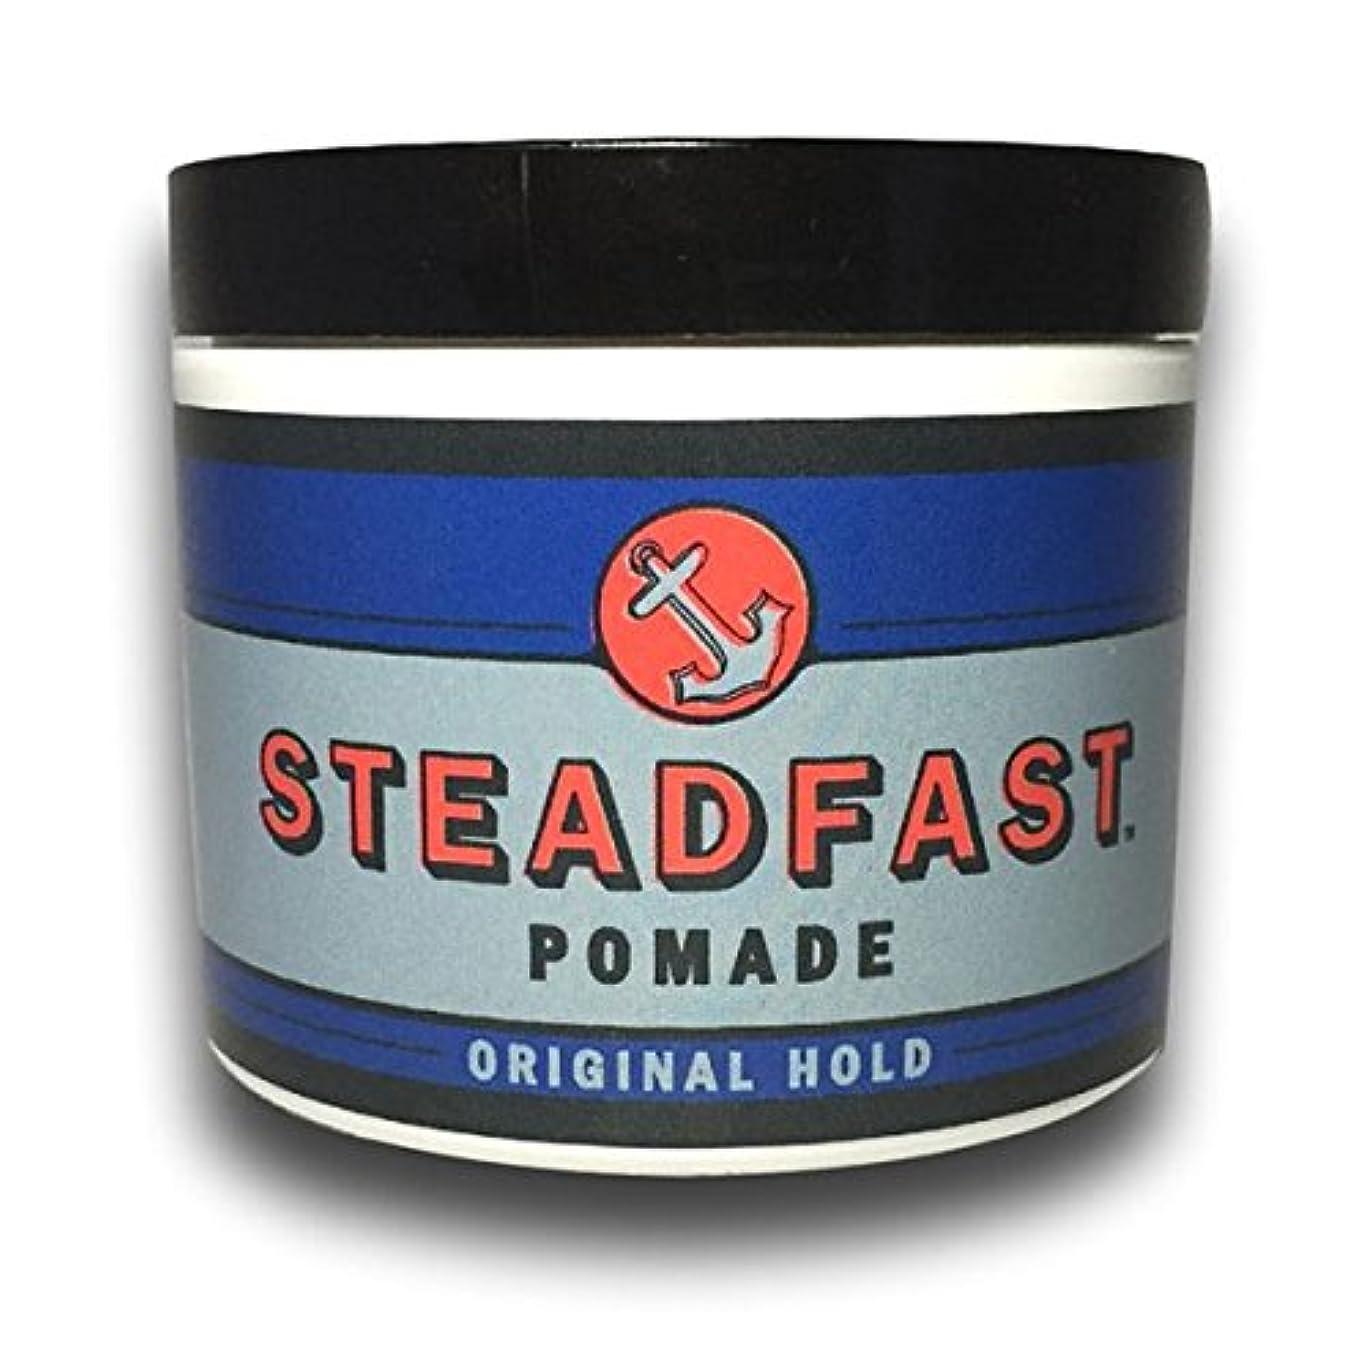 フォーラム匹敵しますナビゲーション【Steadfast Pomade】 ステッドファスト ポマード 【Original Hold】 水性ポマード オリジナルホールド 4oz(113.39g) MADE IN U.S.A